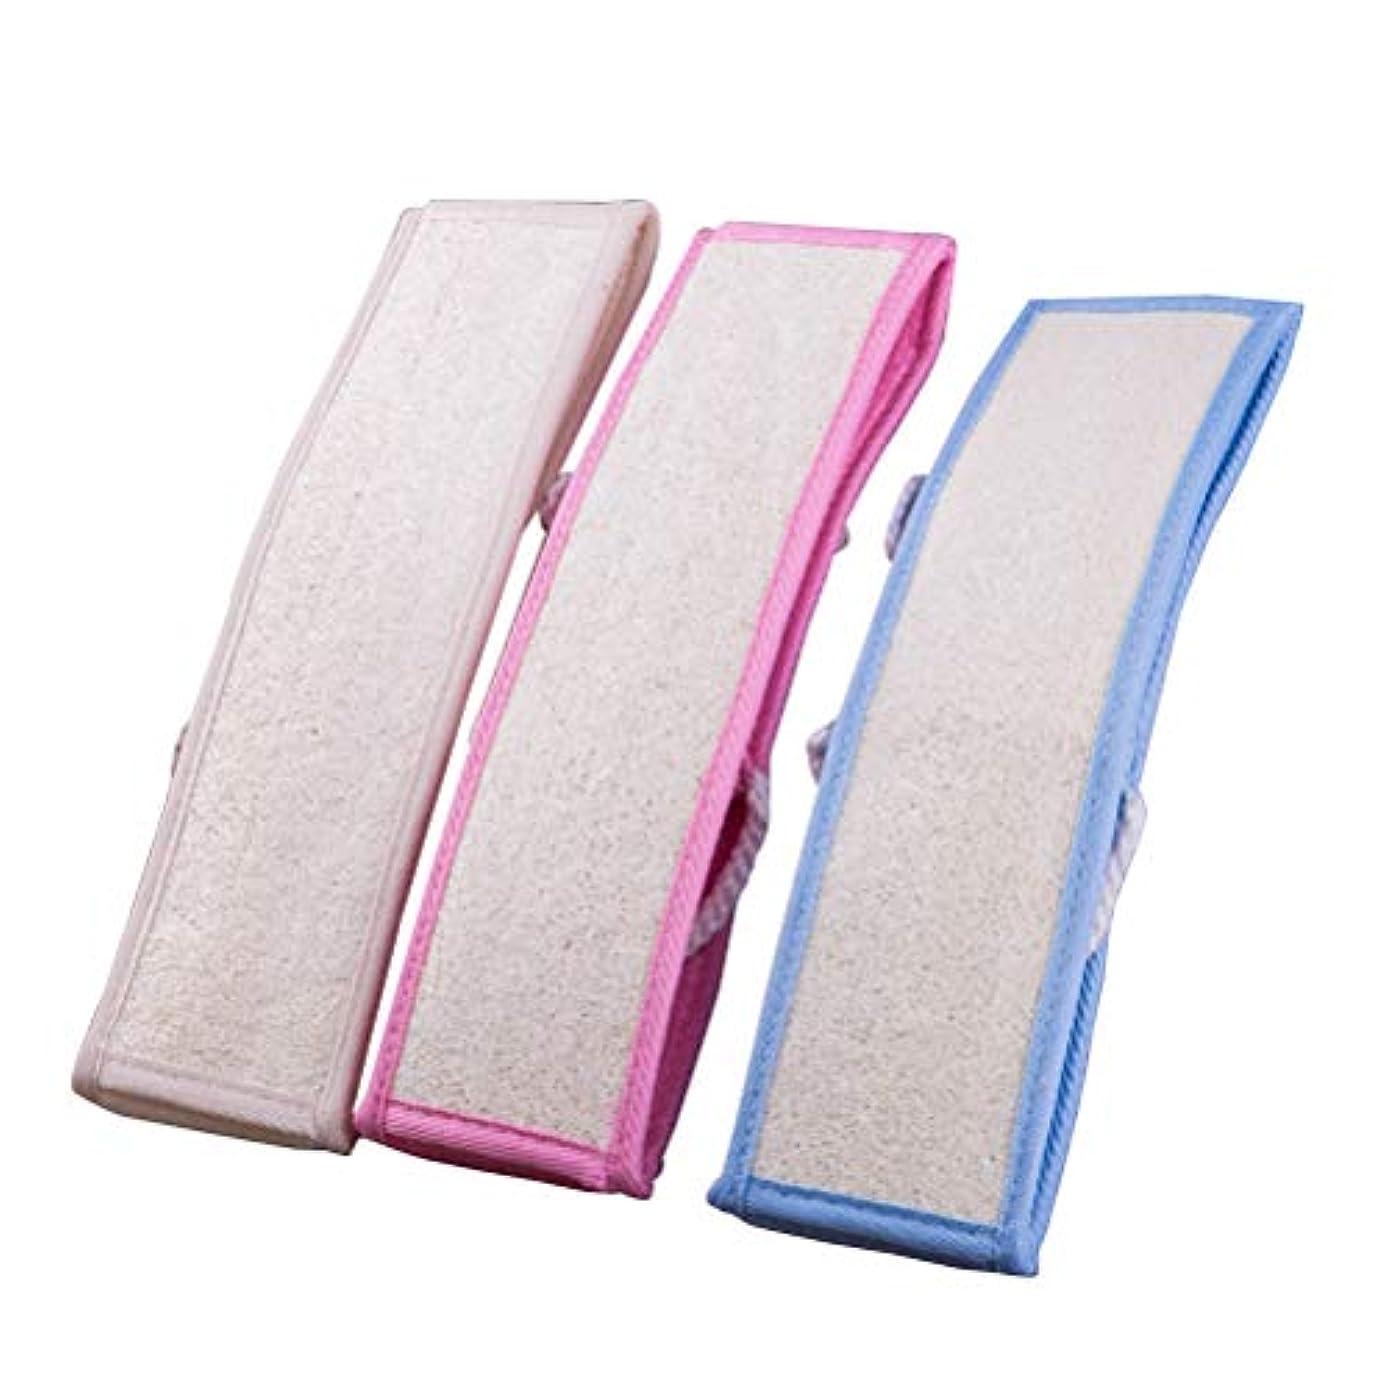 チート揃えるうがい薬Healifty 3本のLoofahバックストラップ剥離バックスクラバーロングシャワーバスLoofah(青、ピンク、白各1個)